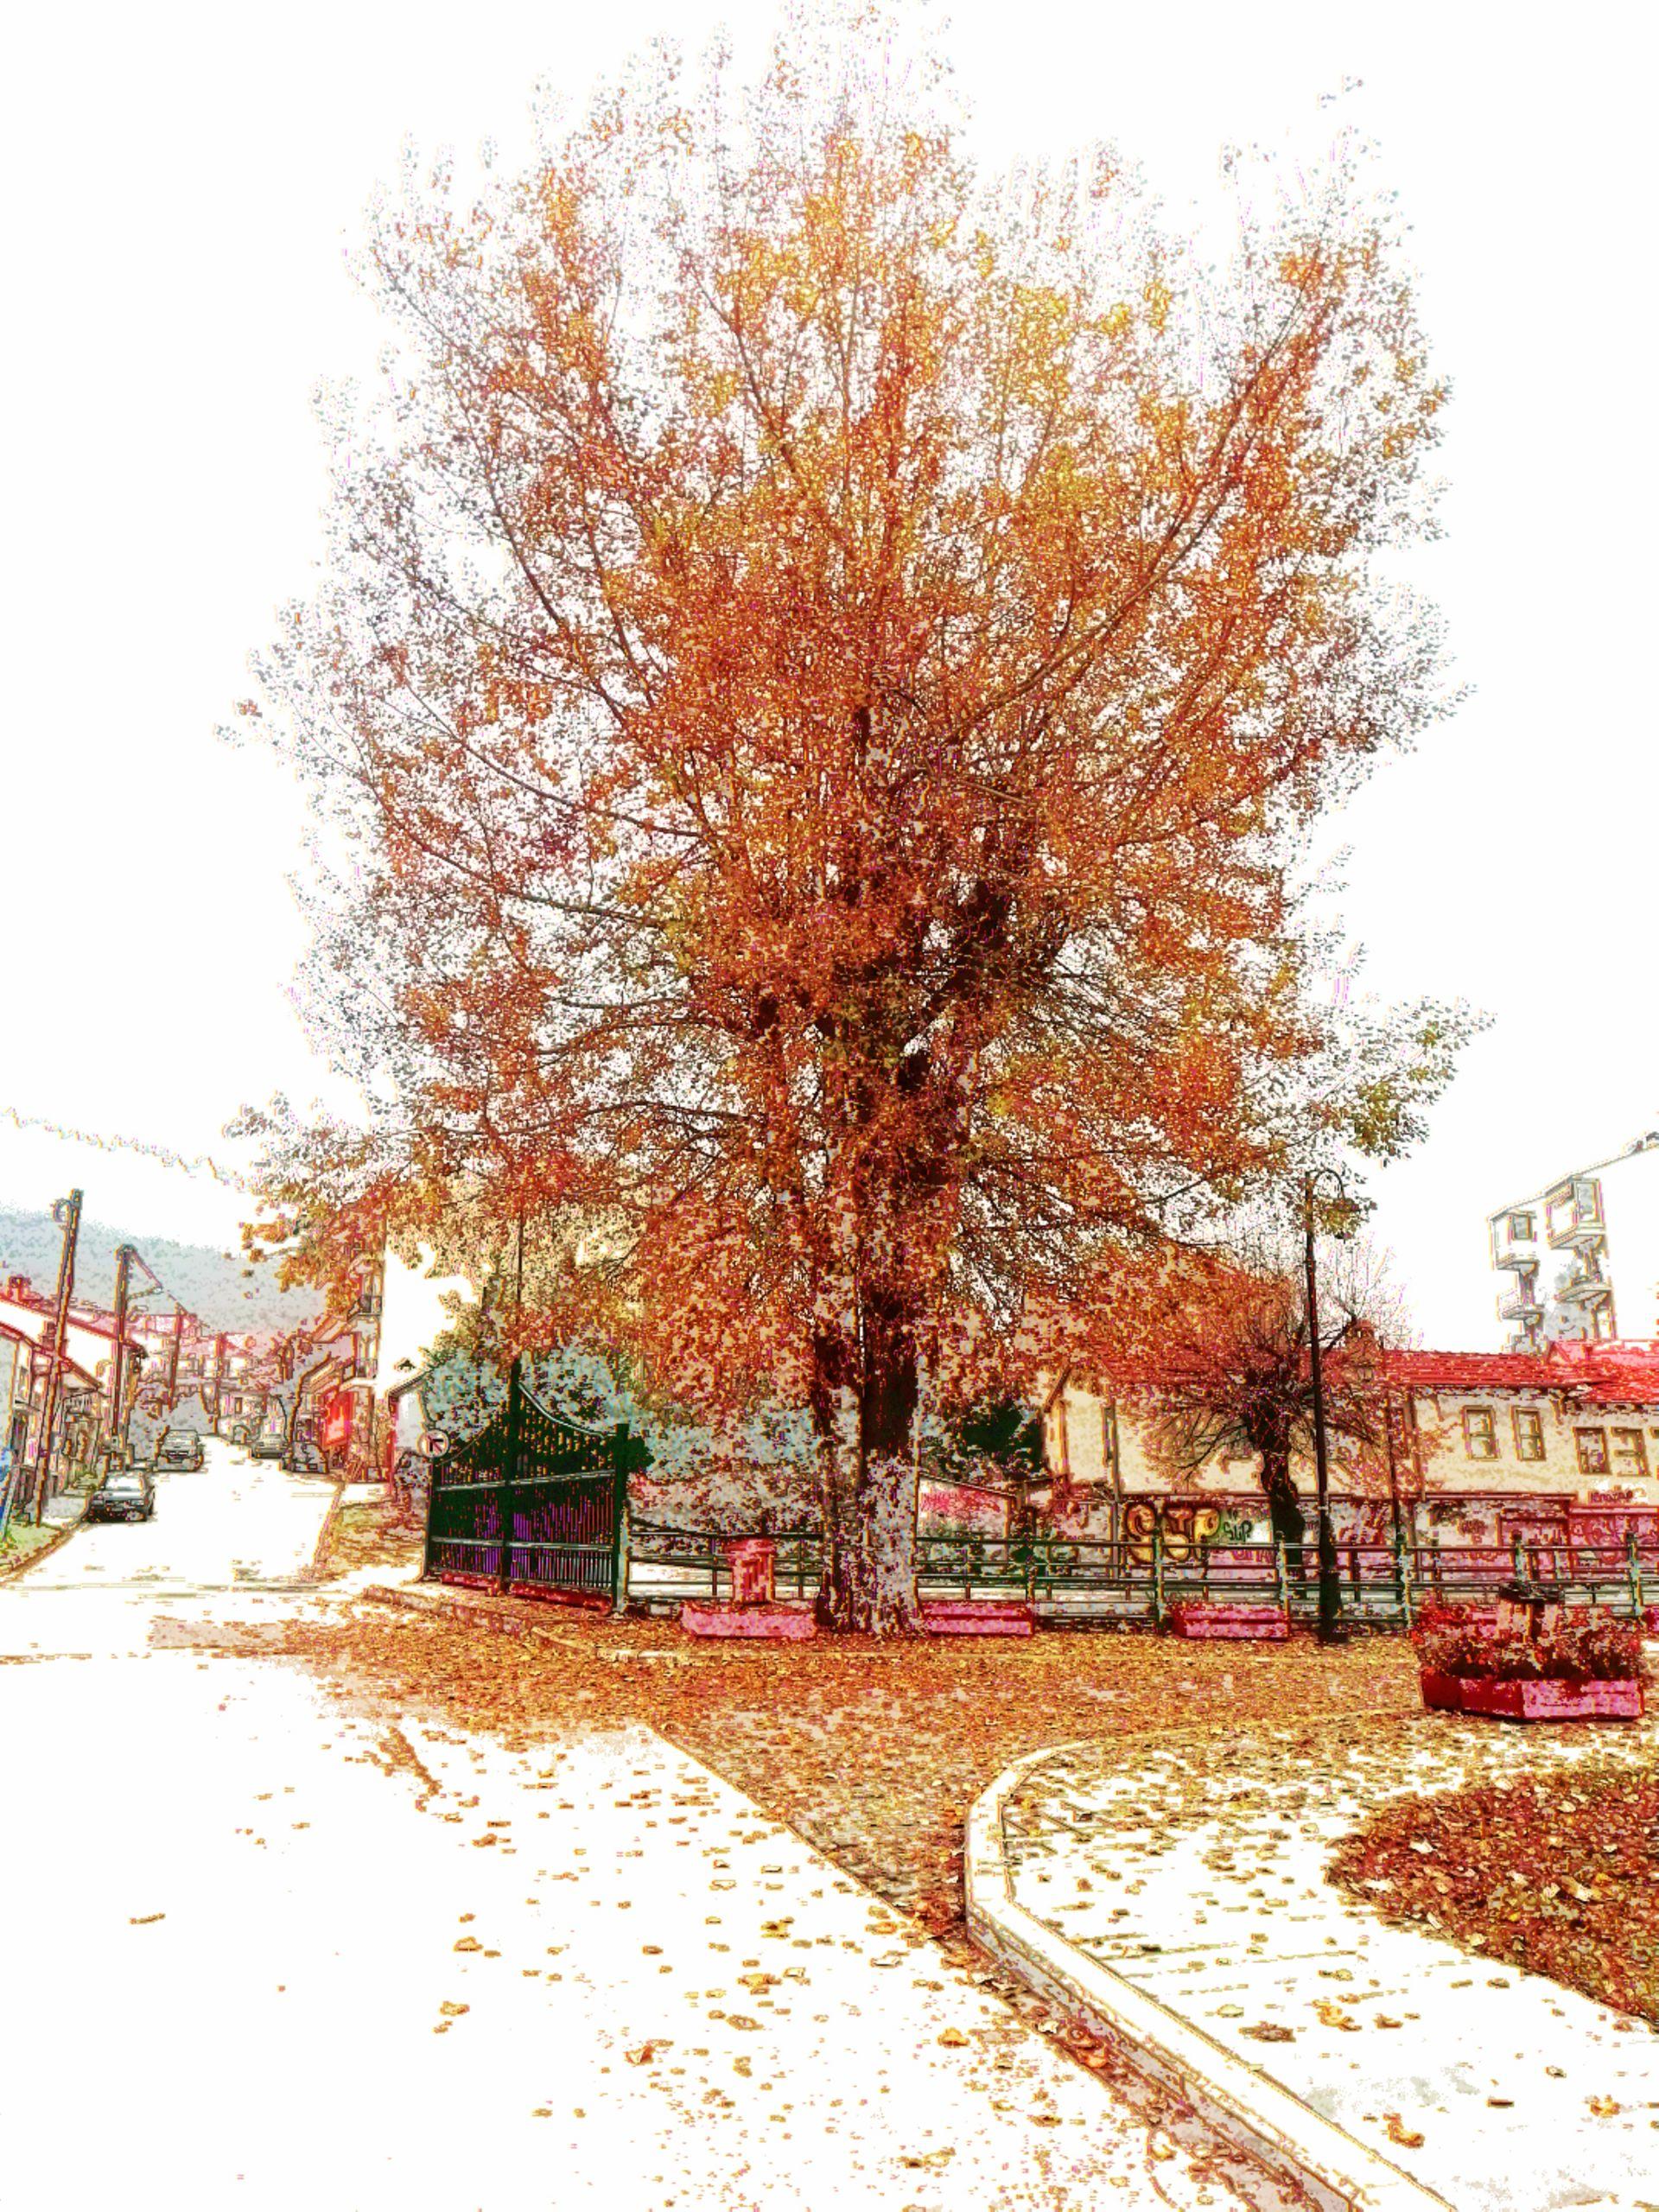 Τρέχοντας στην χειμωνιάτικη Φλώρινα…